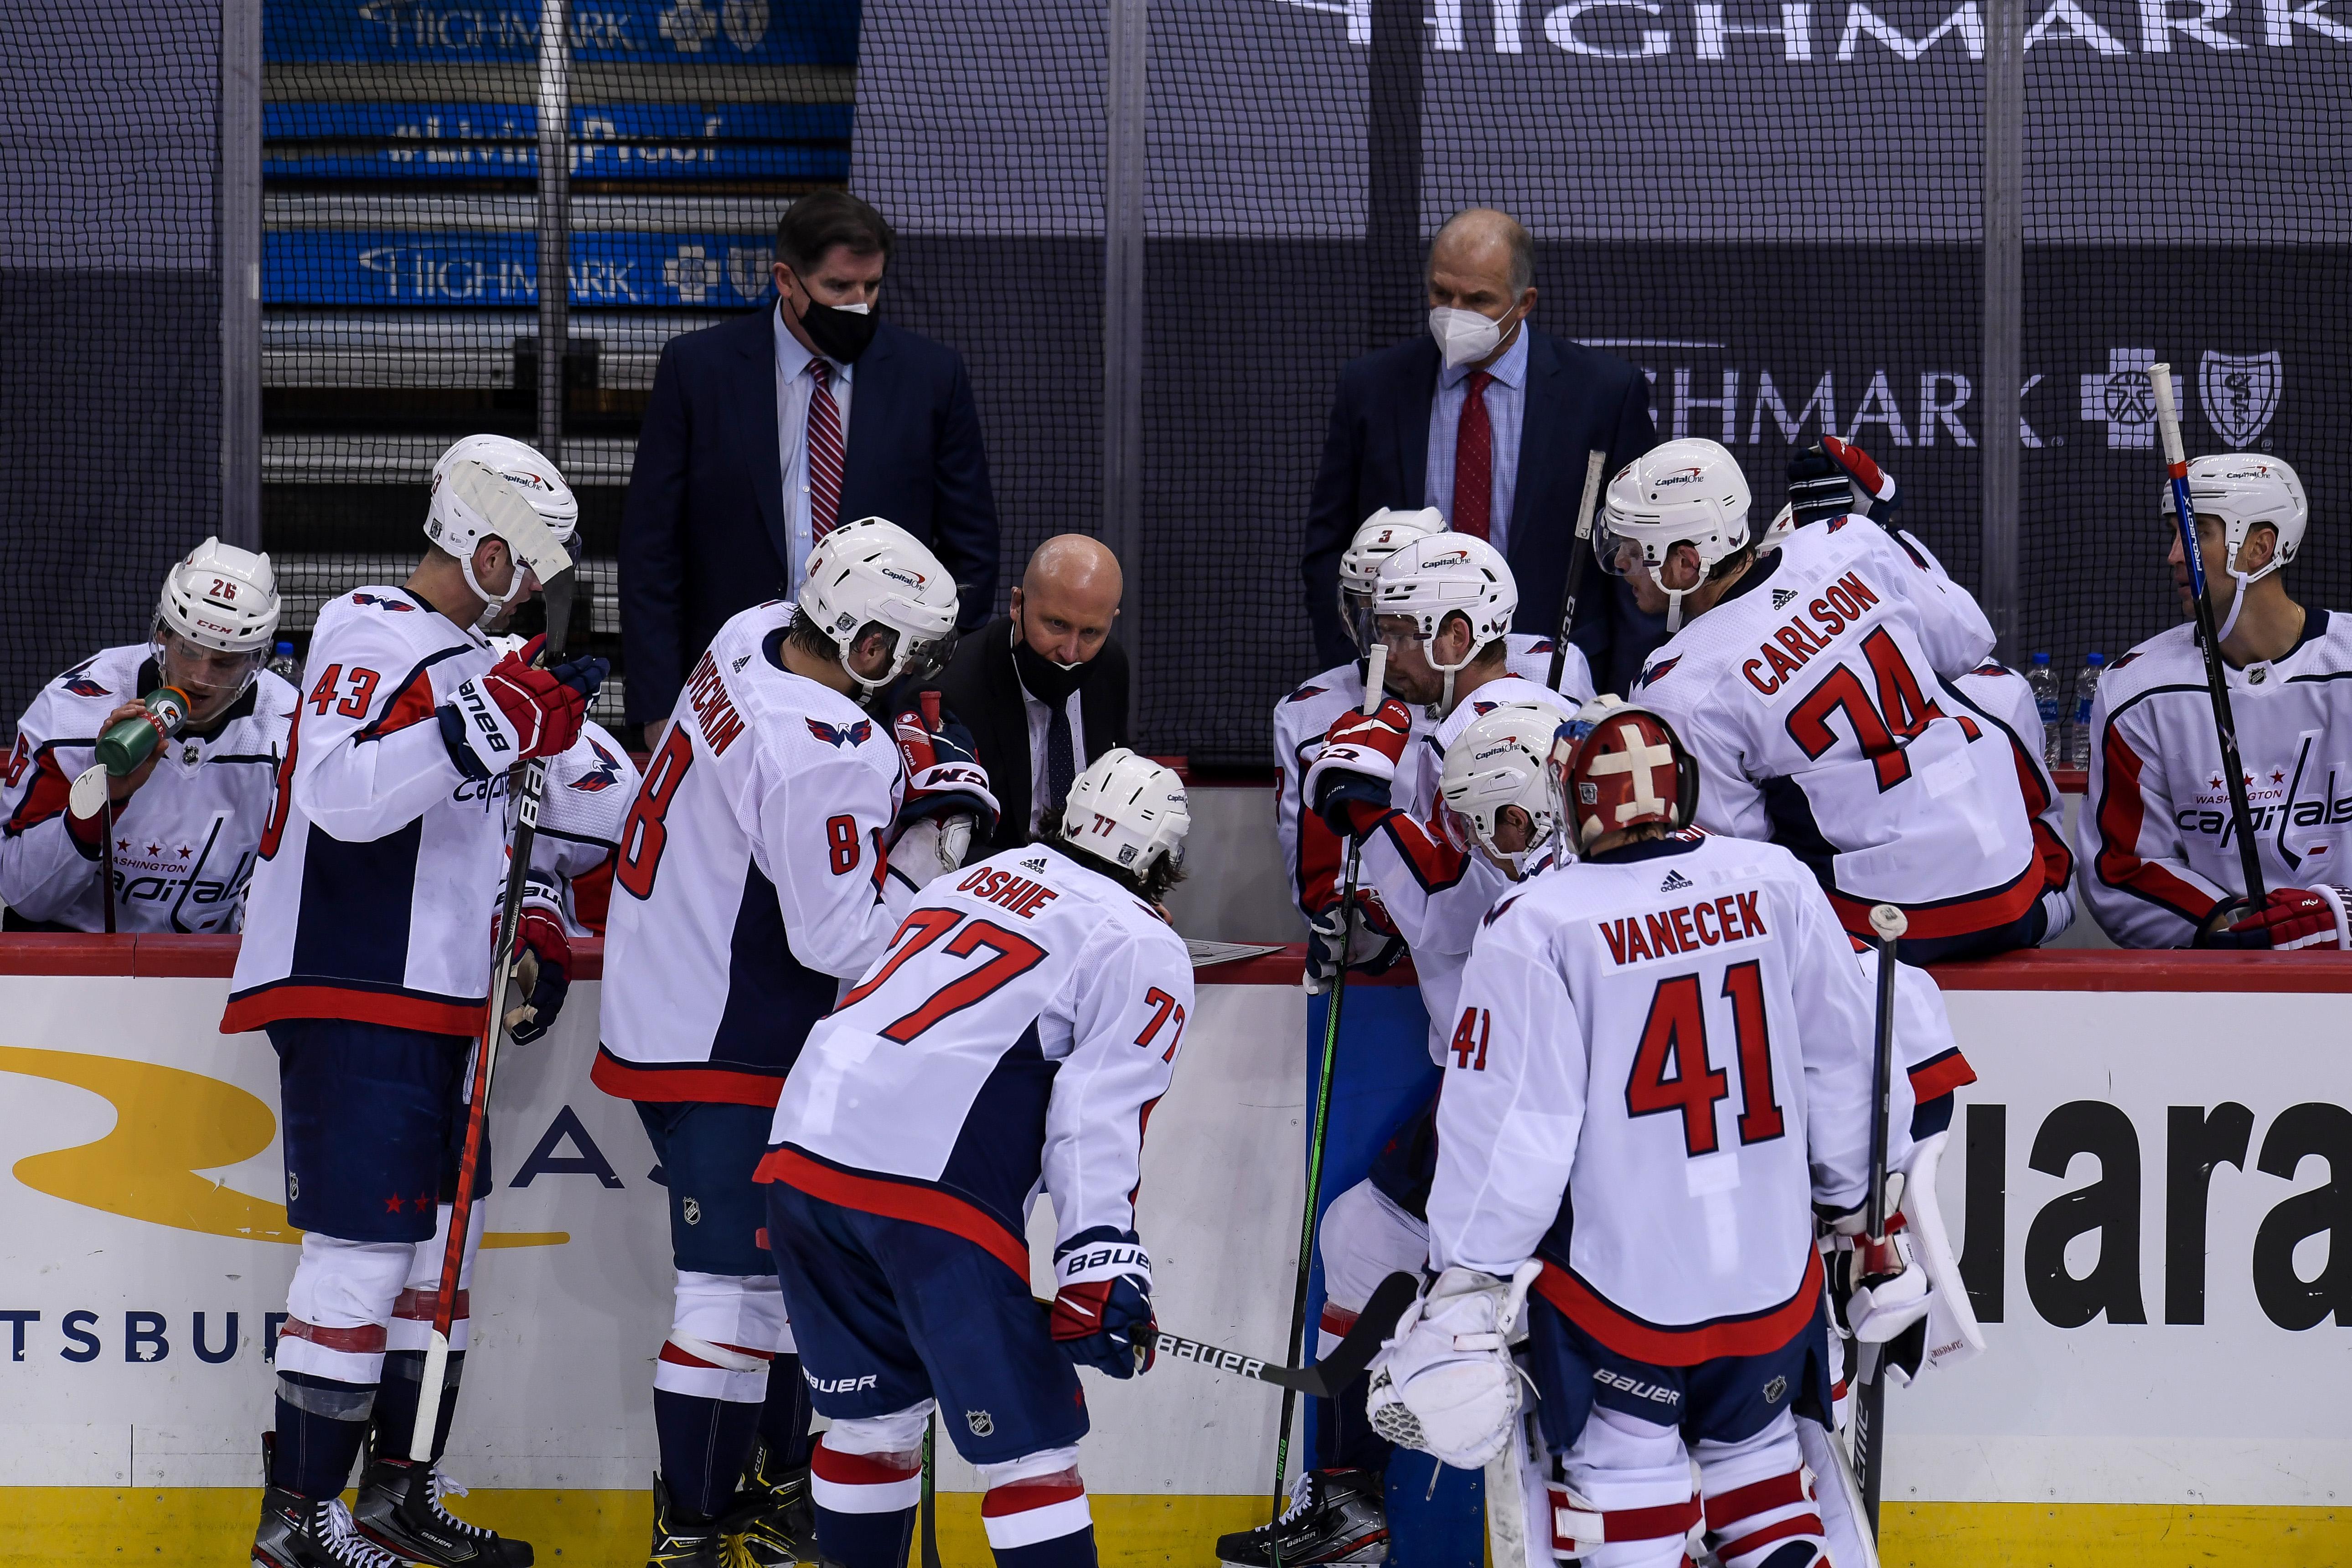 NHL: FEB 14 Capitals at Penguins